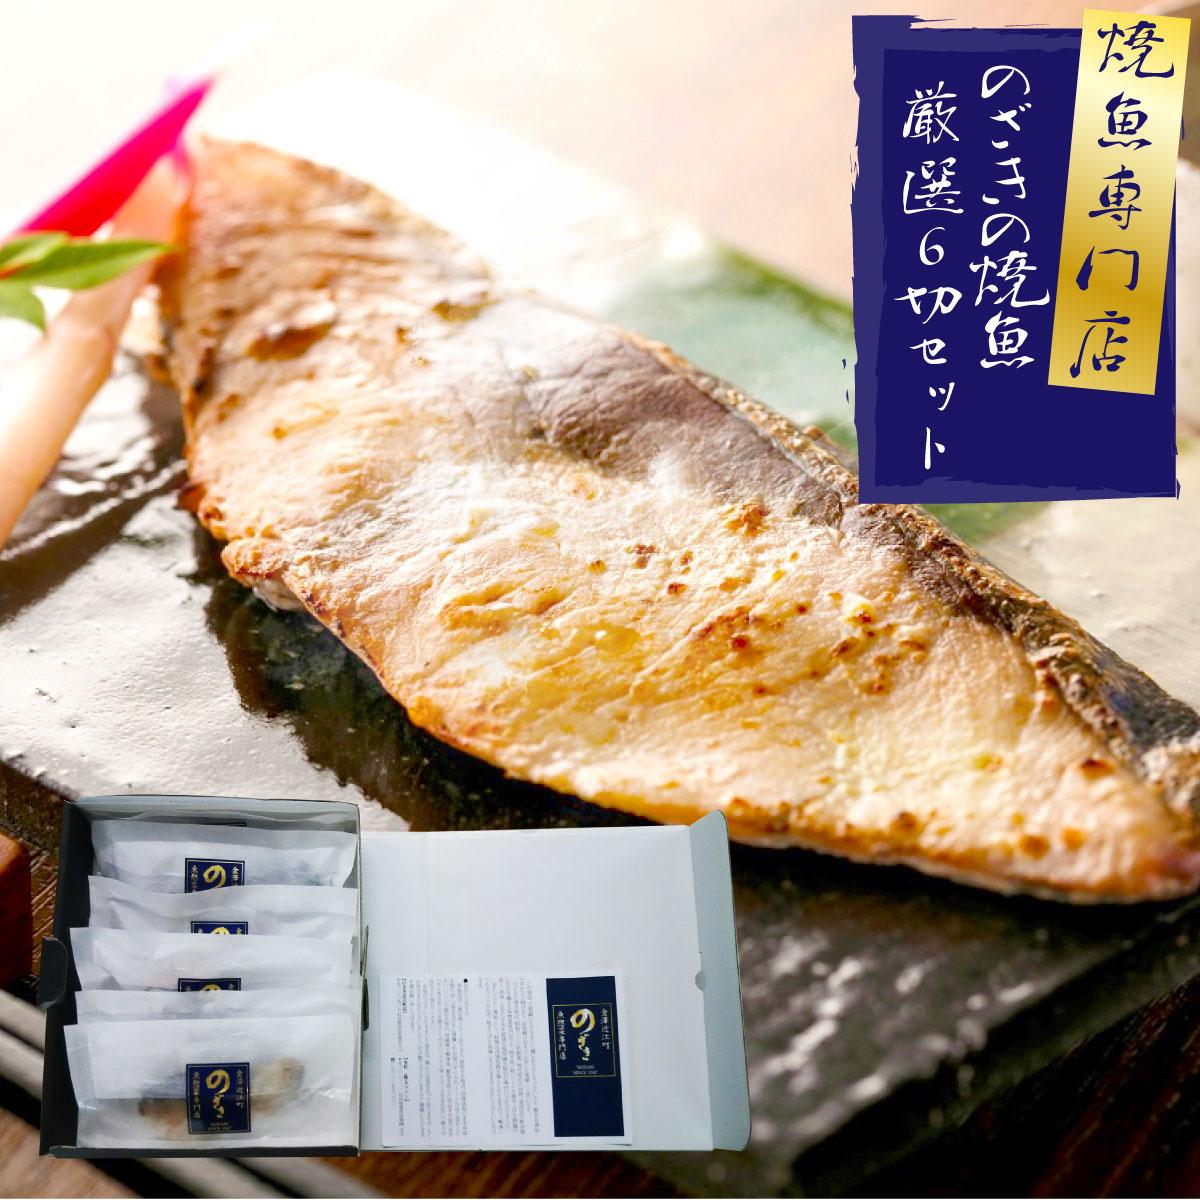 金沢近江町市場 のざきの焼魚 厳選 6切セット 照焼 西京焼 酒粕焼